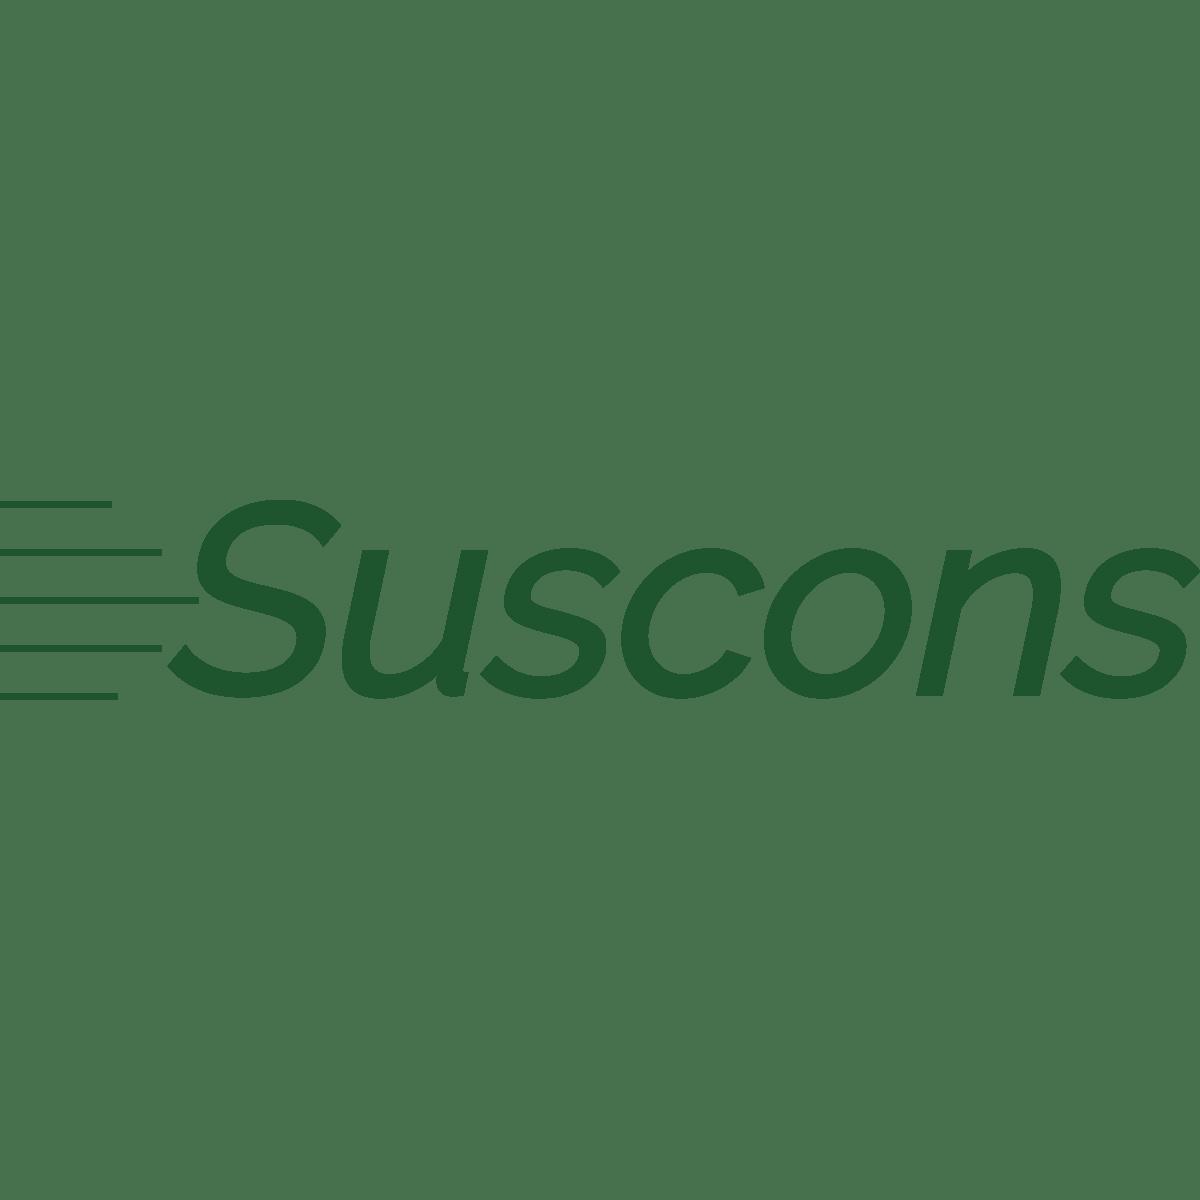 Suscons